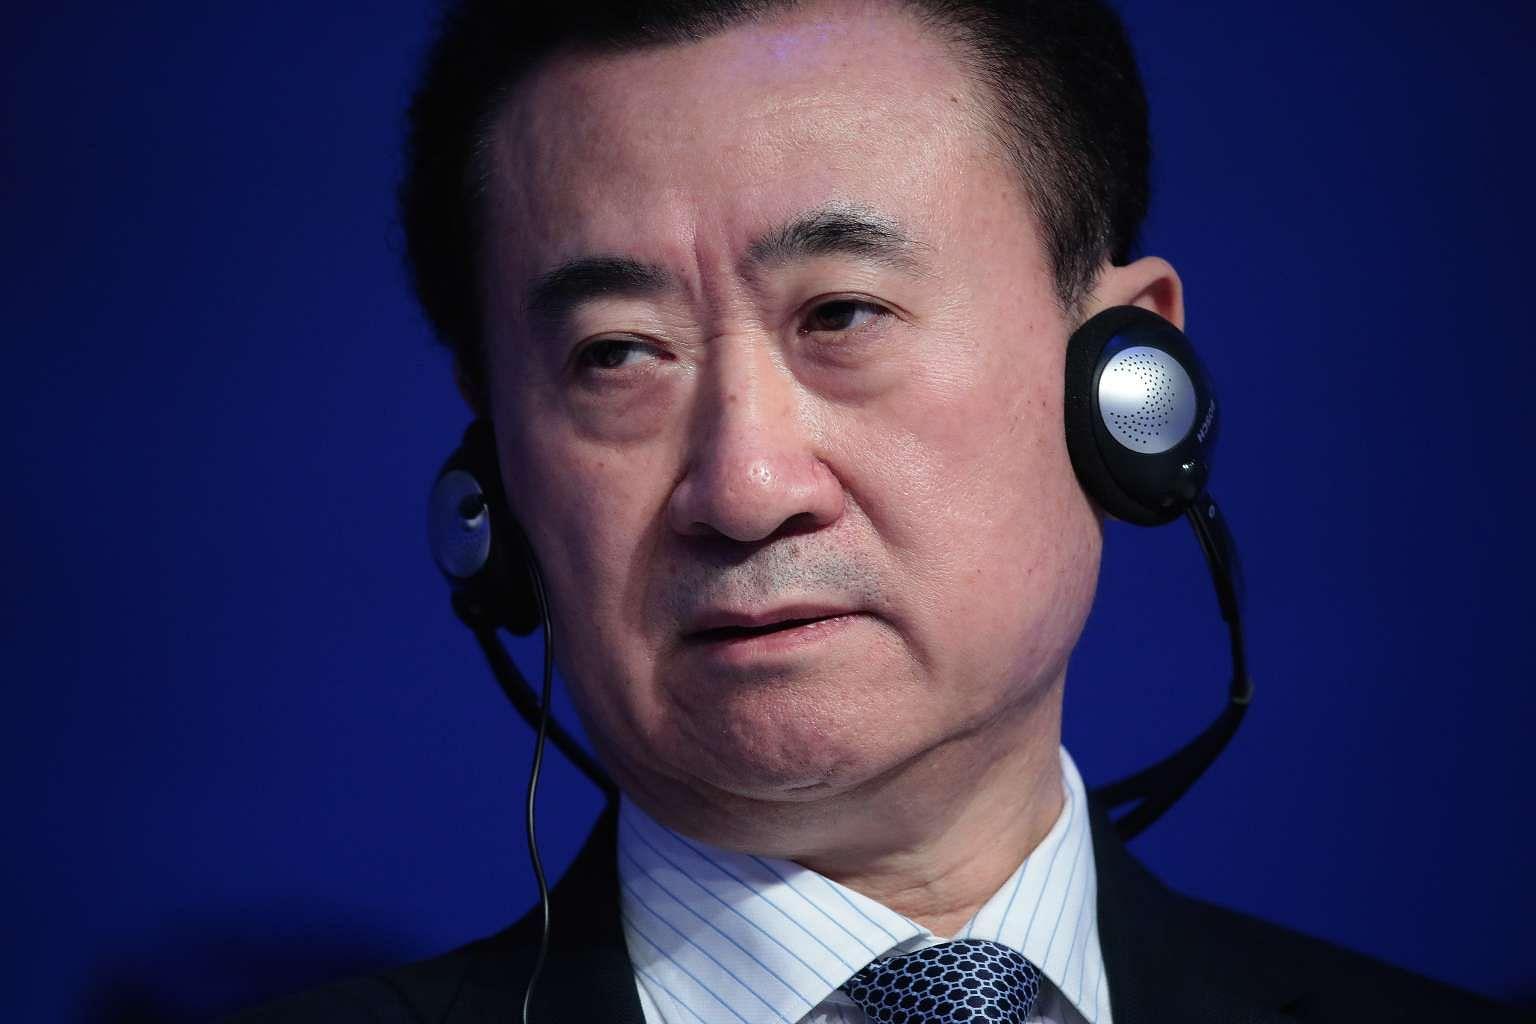 China's richest man Wang Jianlin warns Donald Trump against